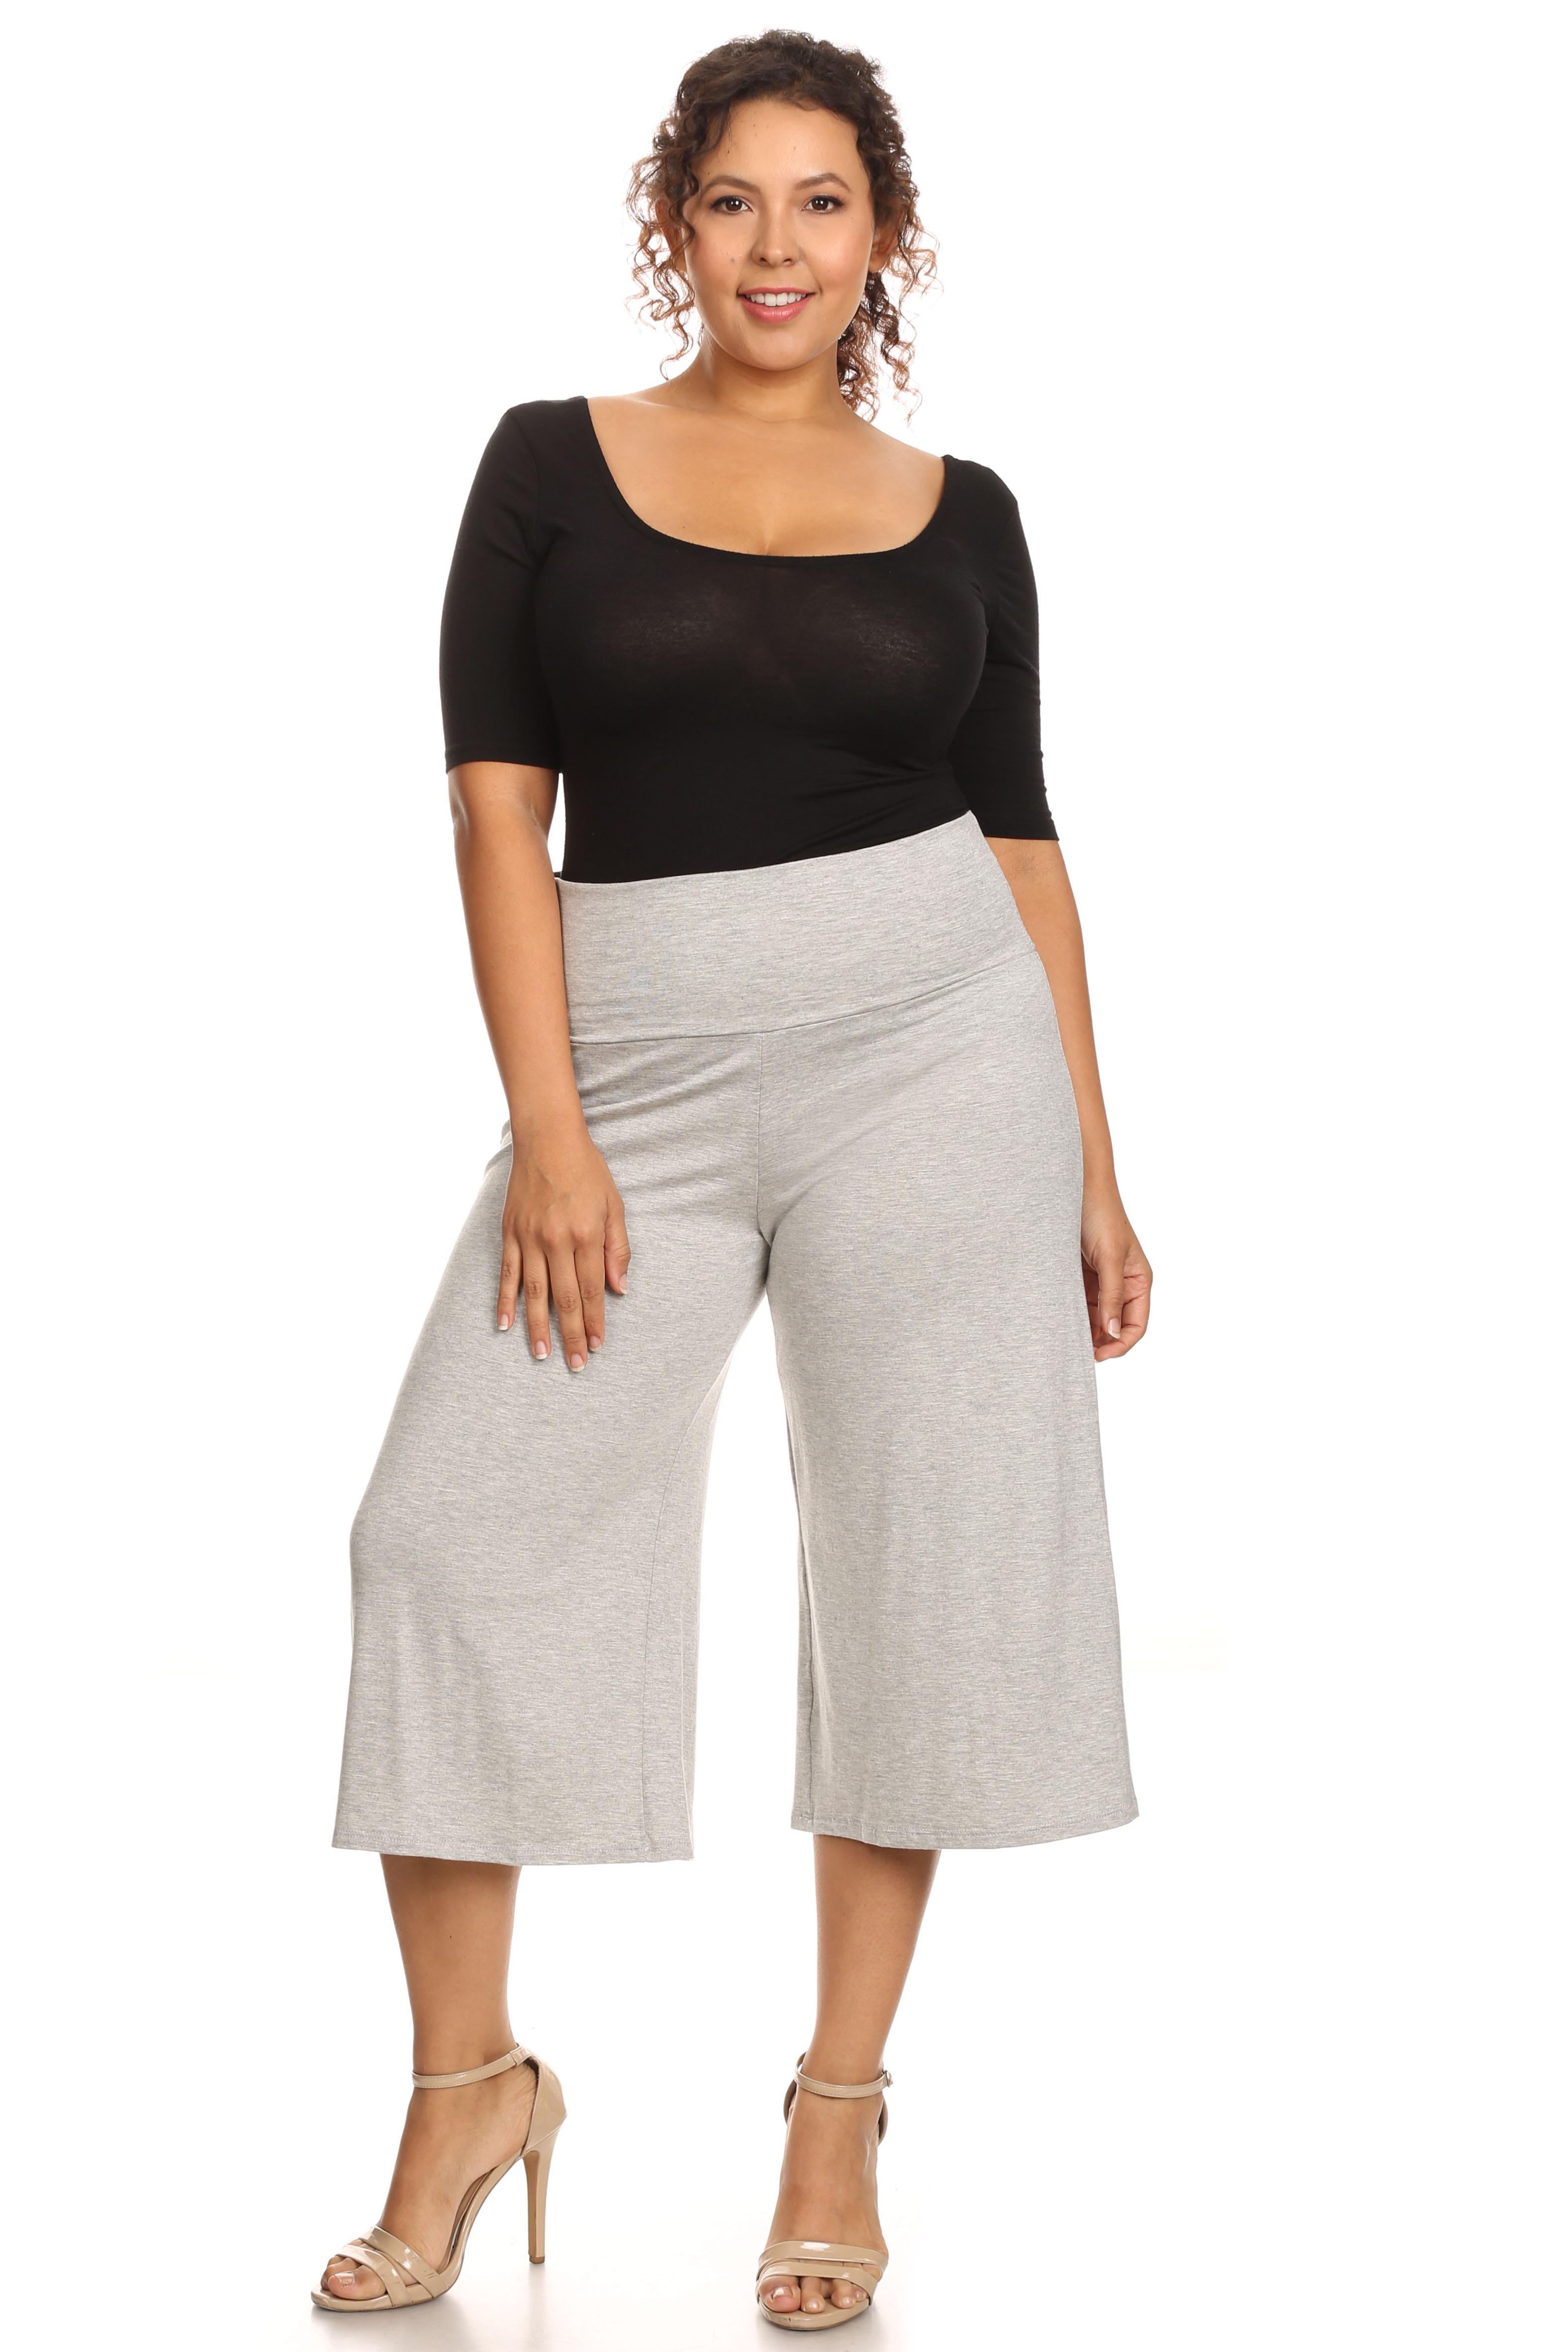 a9c6505c88d28 SHORE TRENDZ - Plus Size Women s Gaucho Pants - Walmart.com